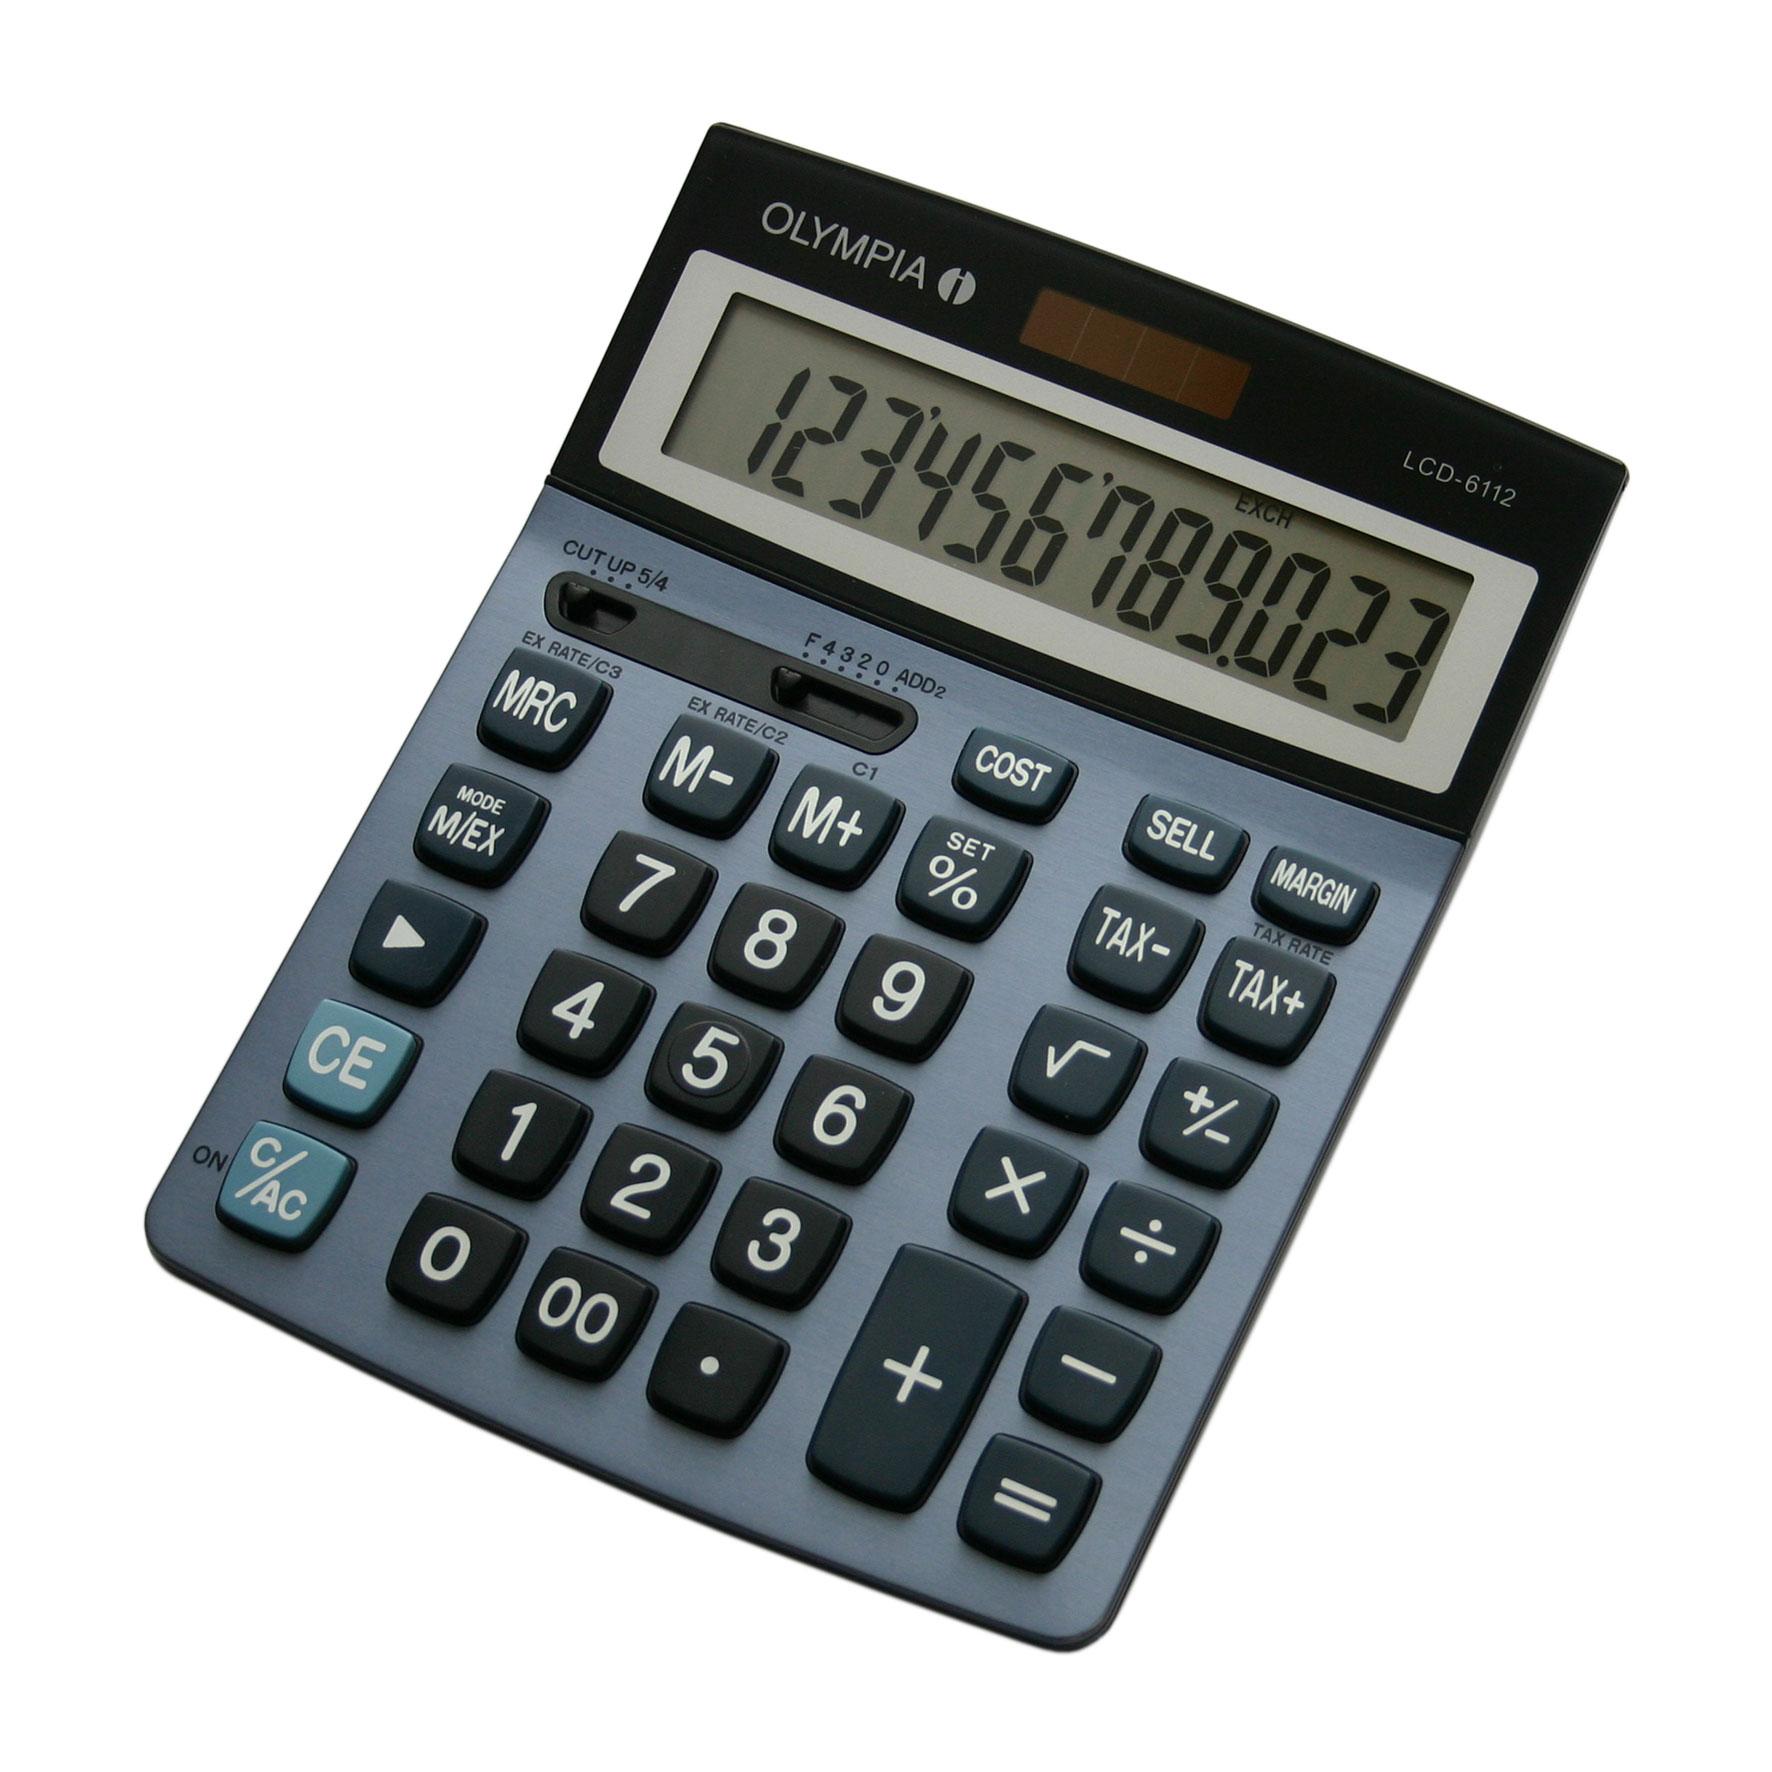 Olympia LCD 6112 - Desktop - Einfacher Taschenrechner - 12 Ziffern - 1 Zeilen